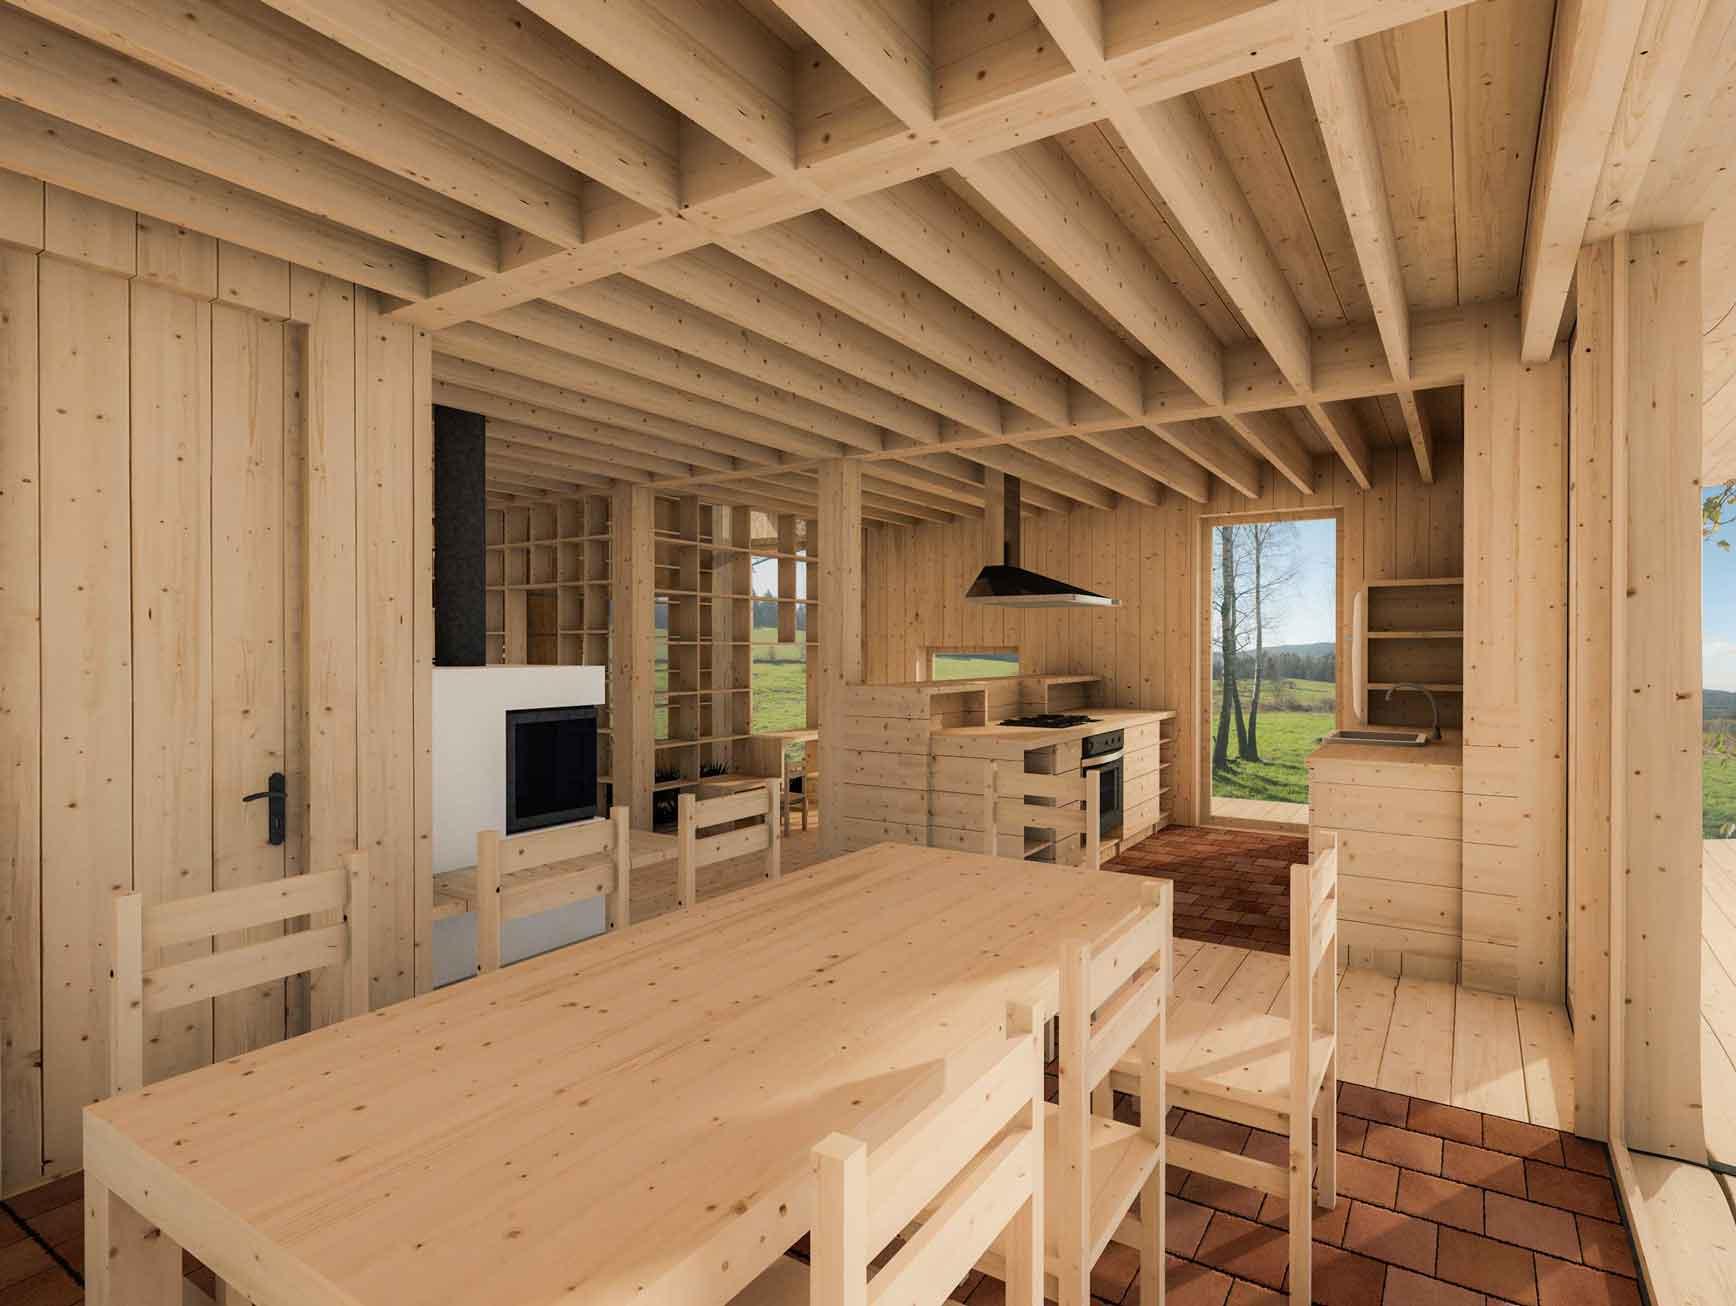 Dům pro jedny architekty - vizualizace interiéru jídelny s kuchyní. Autor: Kurz architekti